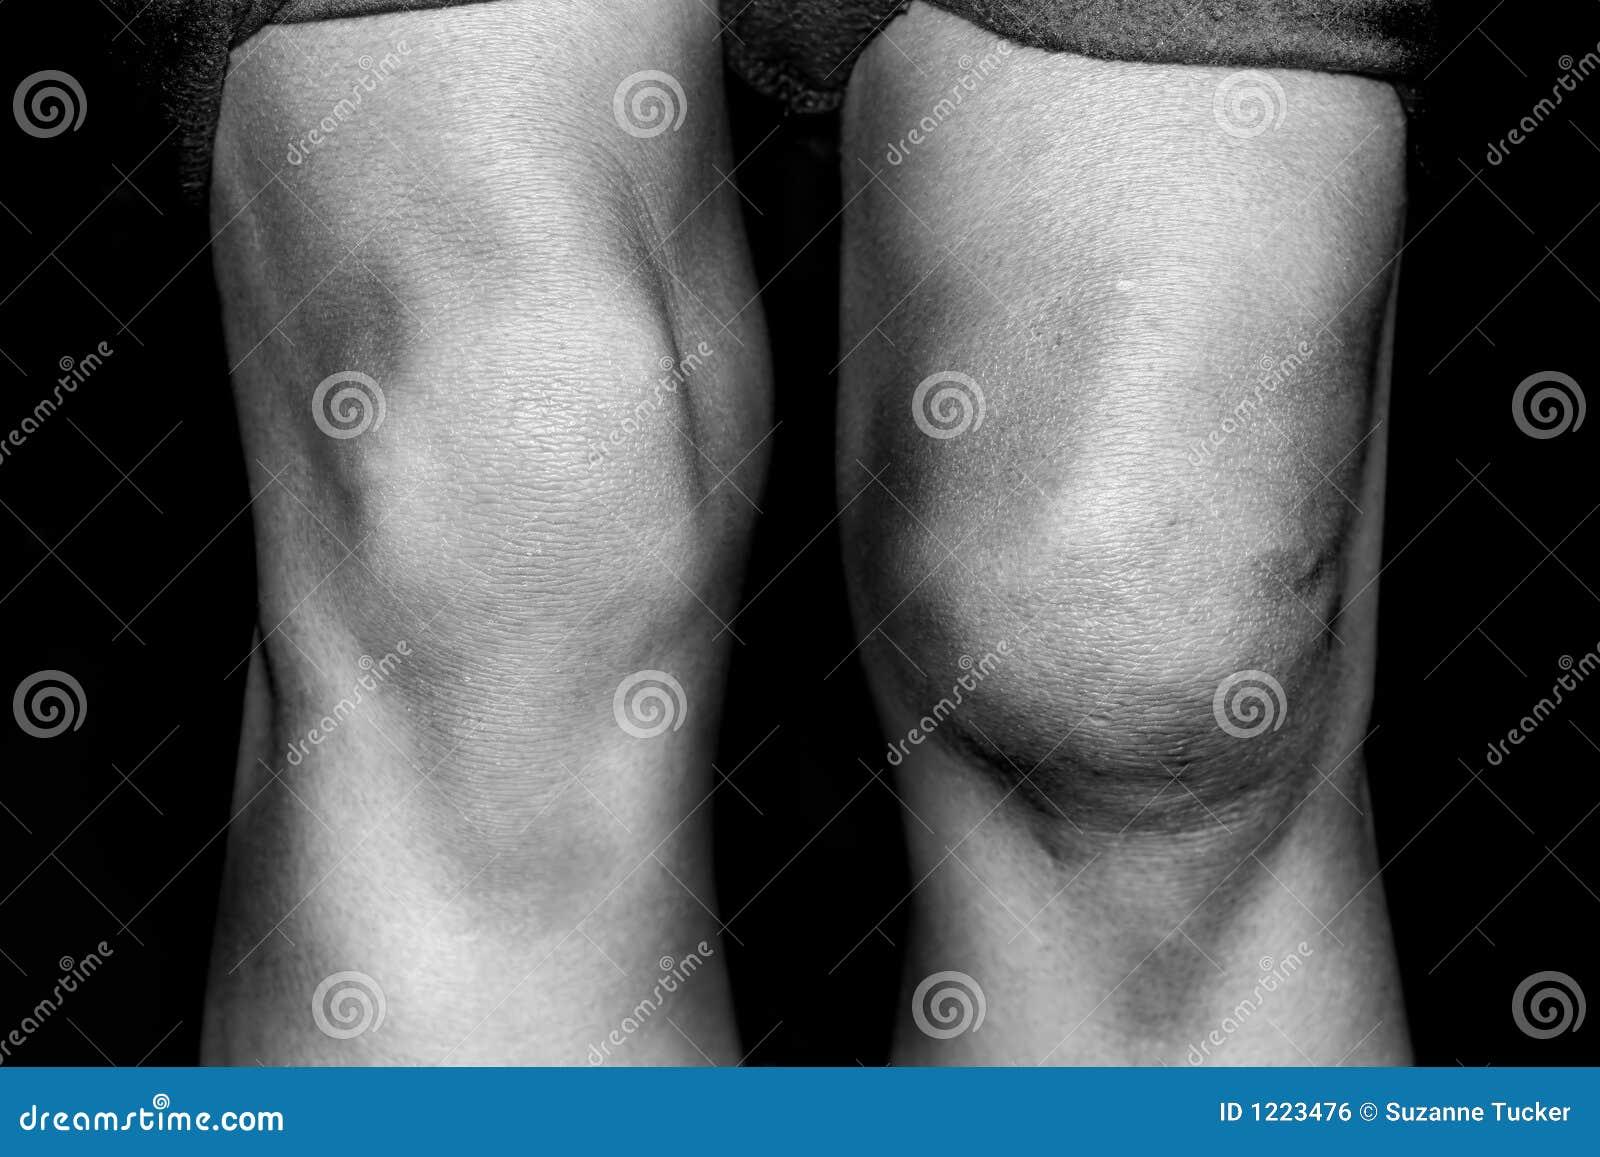 Résulter patellaire médial déchiré d une dislocation de genou